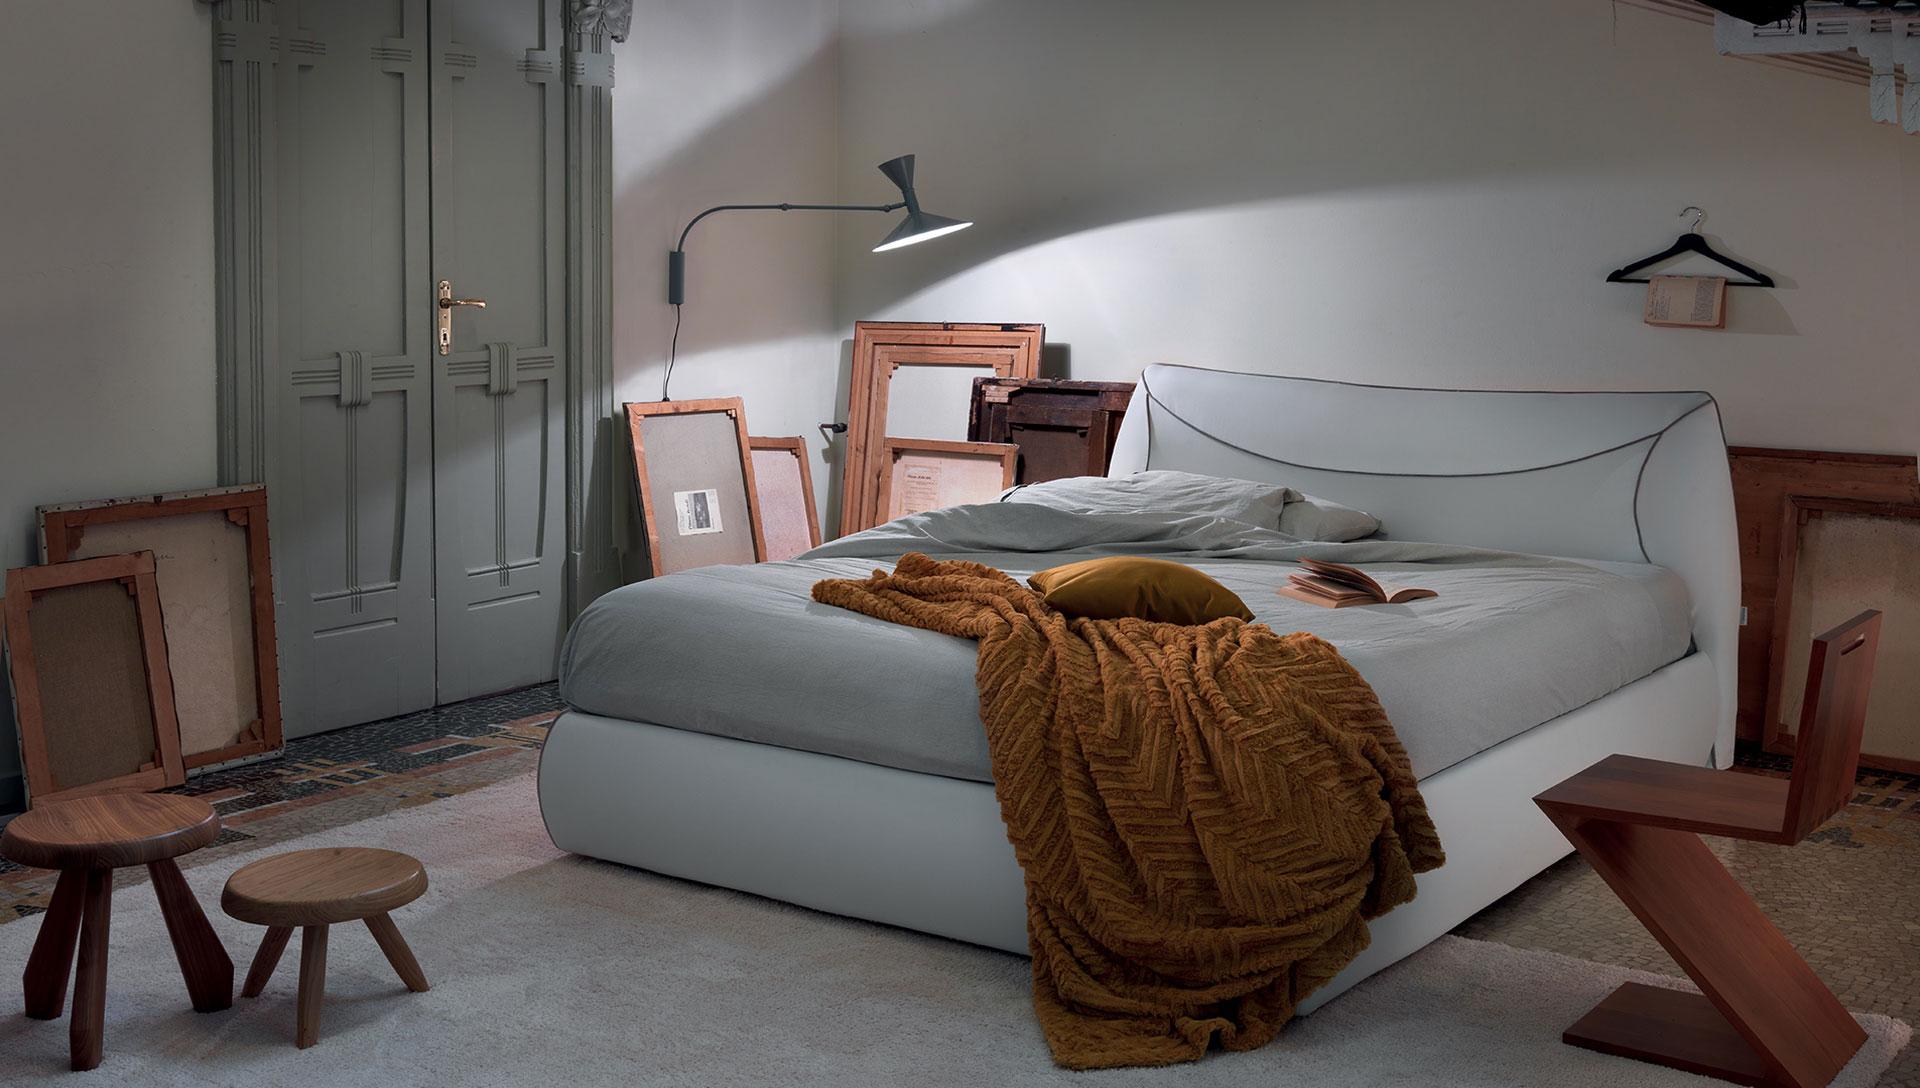 zona-notte-ergogreen-comodus-arredamenti-nicoletti-interni-interior-design-divani-complementi-arredo-mobili-design-accessori-matera